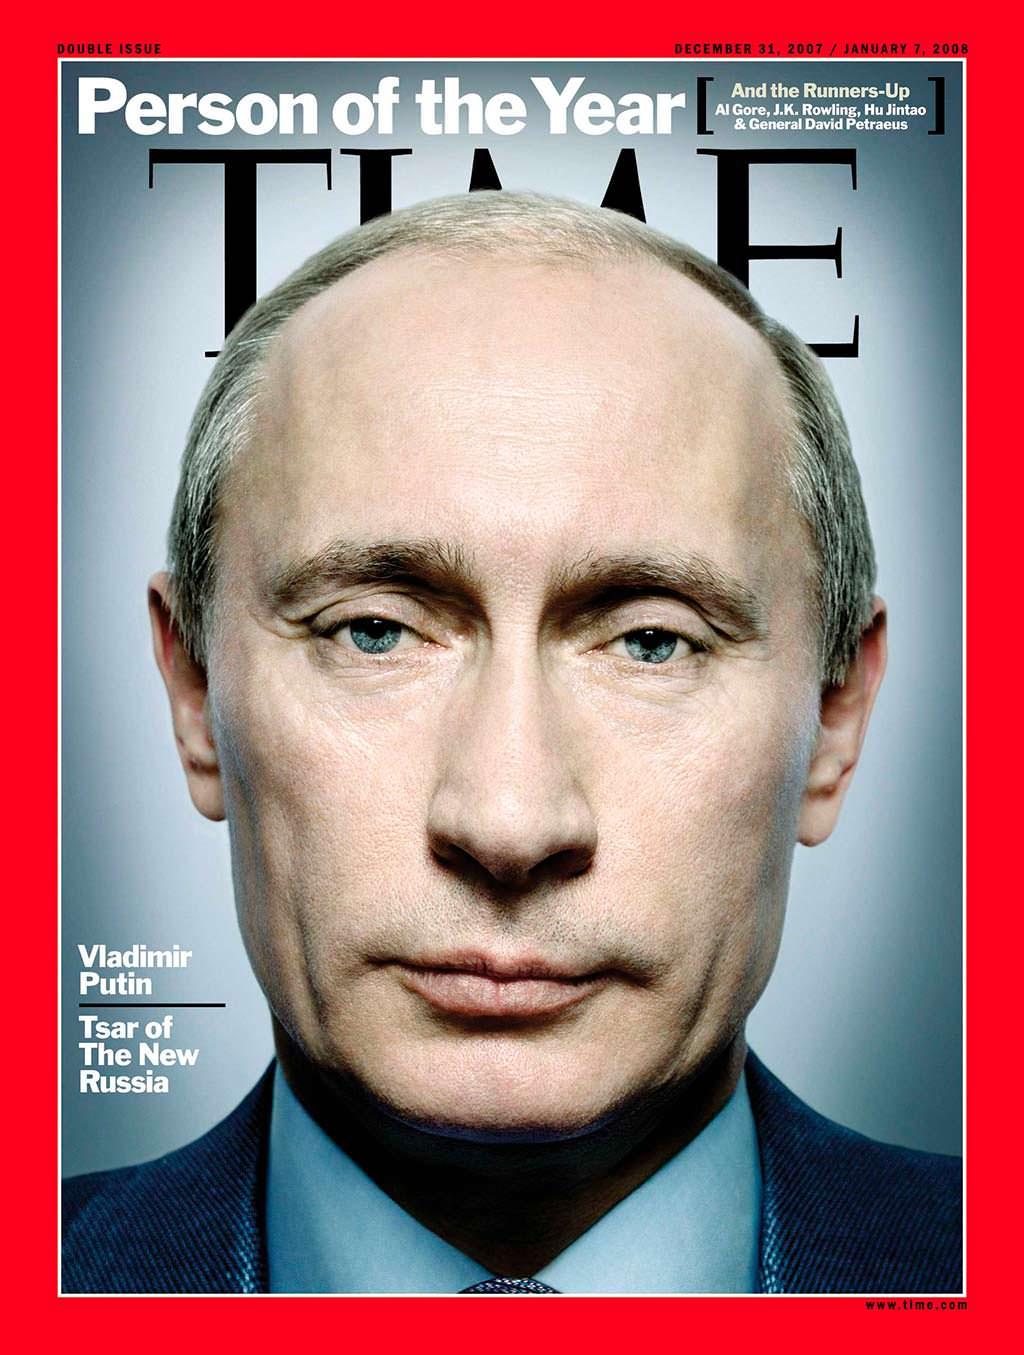 2007 год. Президент России Владимир Путин на обложке Time